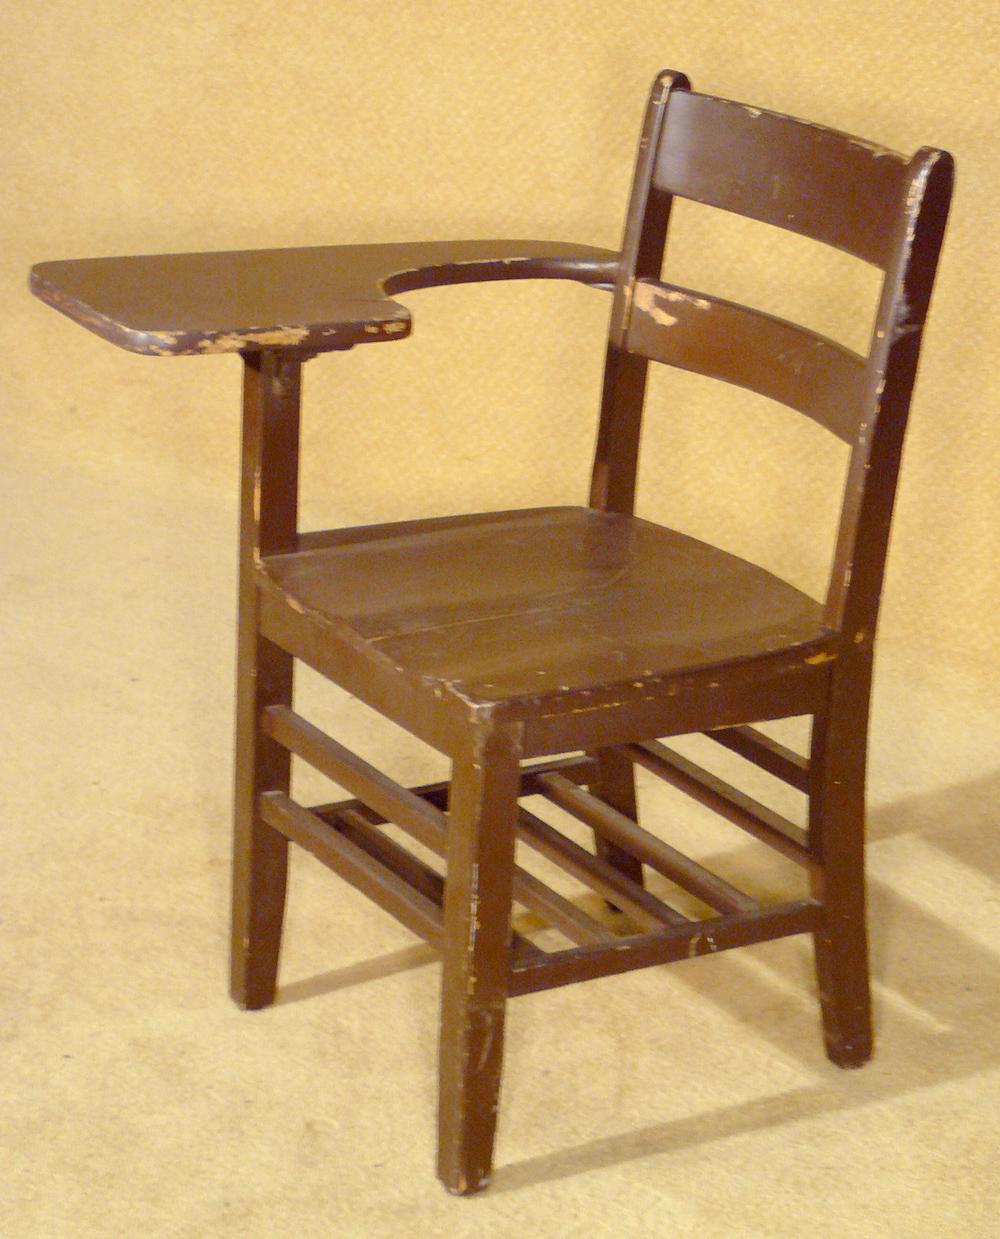 antique school desk chair Antique Wooden School Desk X2 antique school desk chair